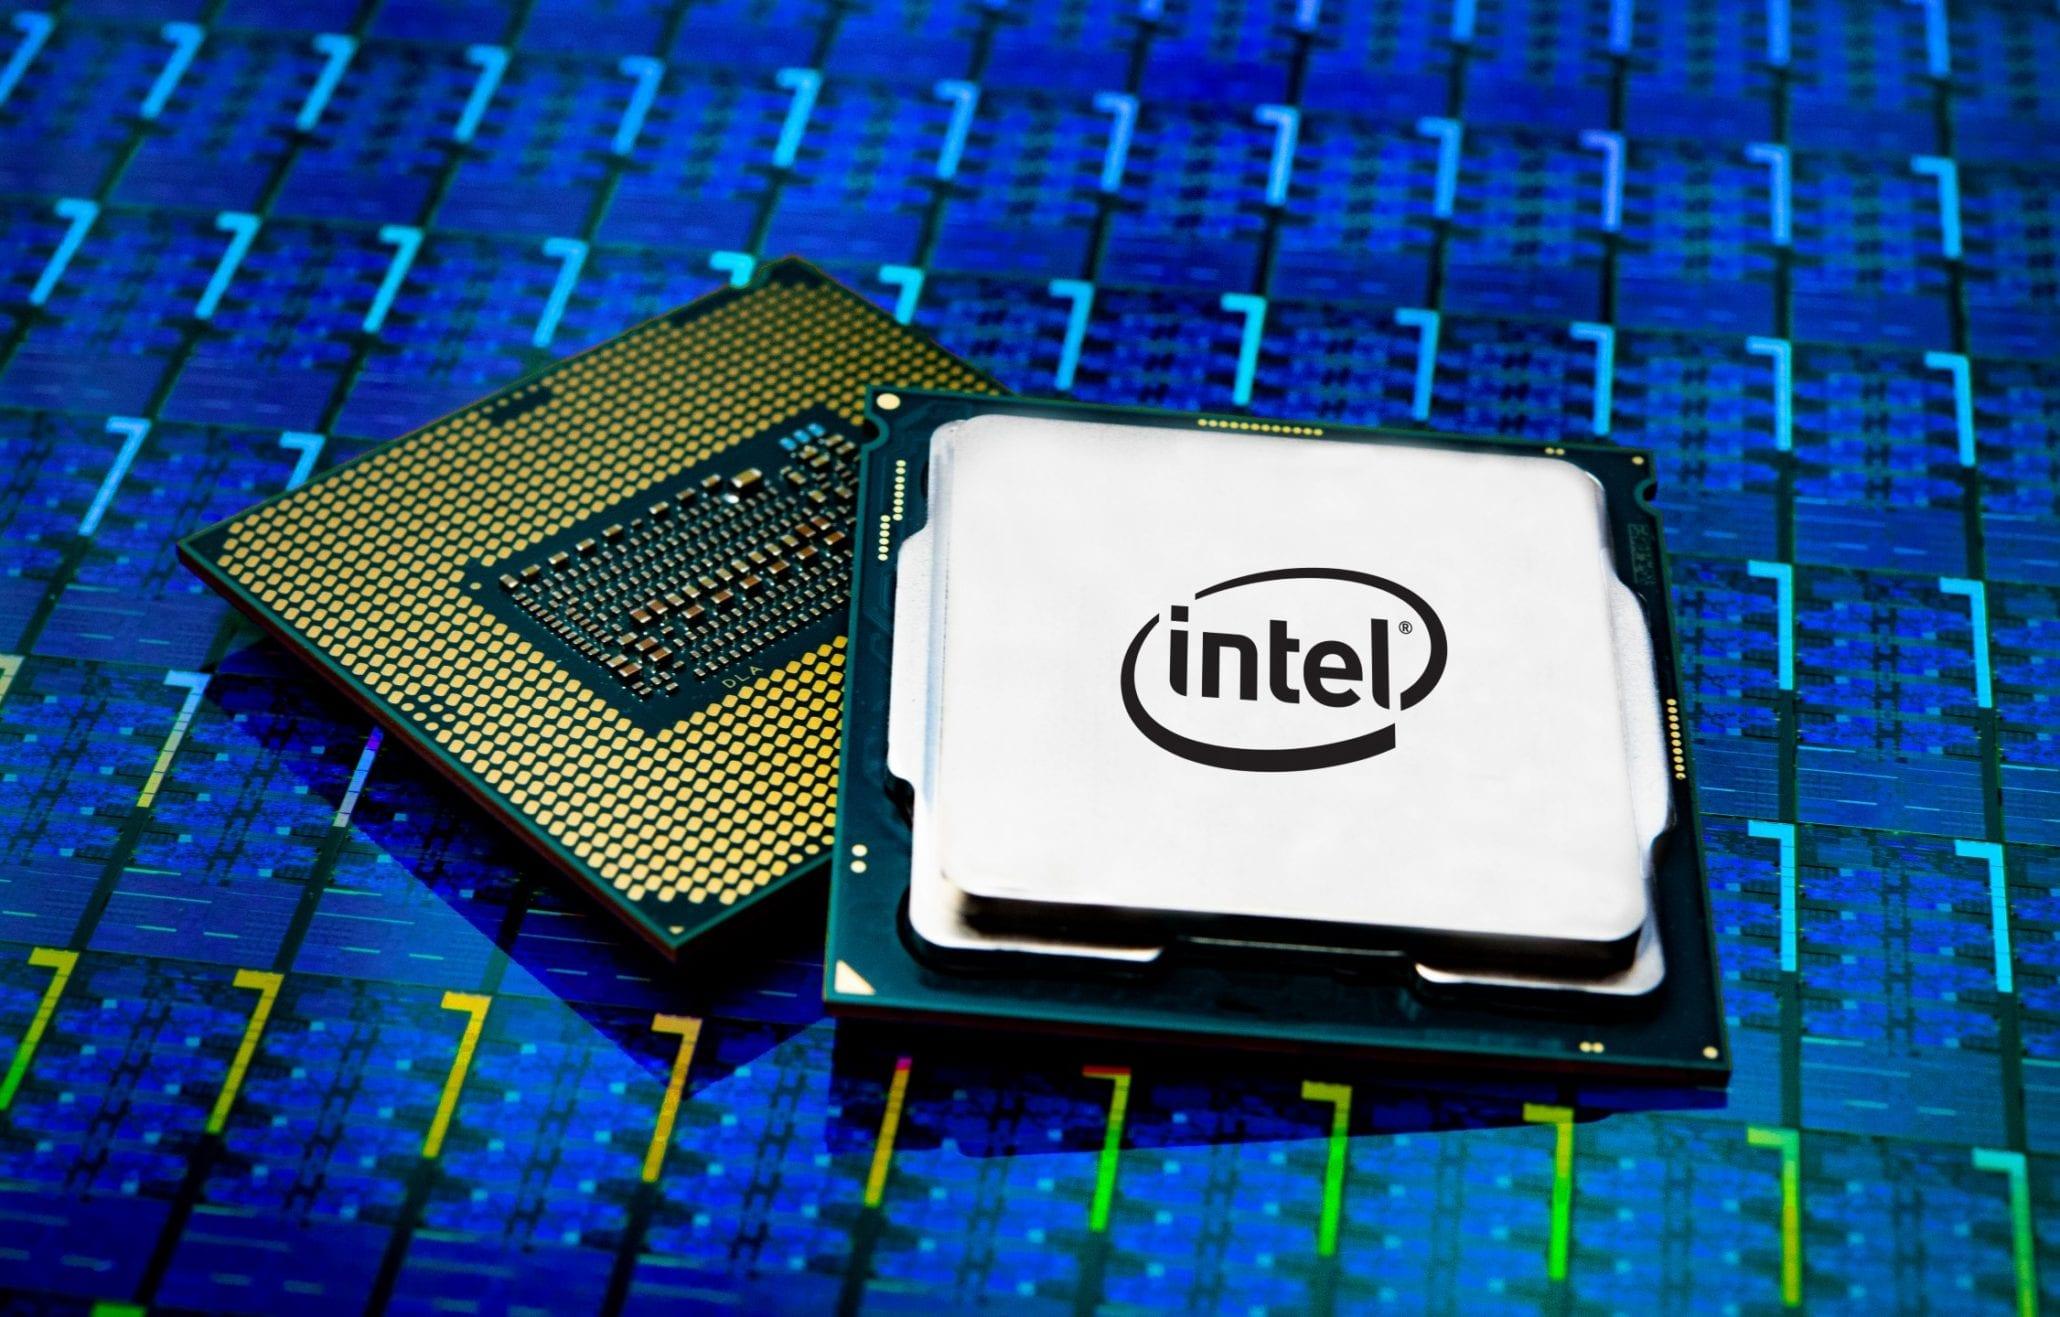 10-ядерный процессор Intel Core i9-10900KF имеет схожую производительность с 12-ядерным AMD Ryzen 9 3900X